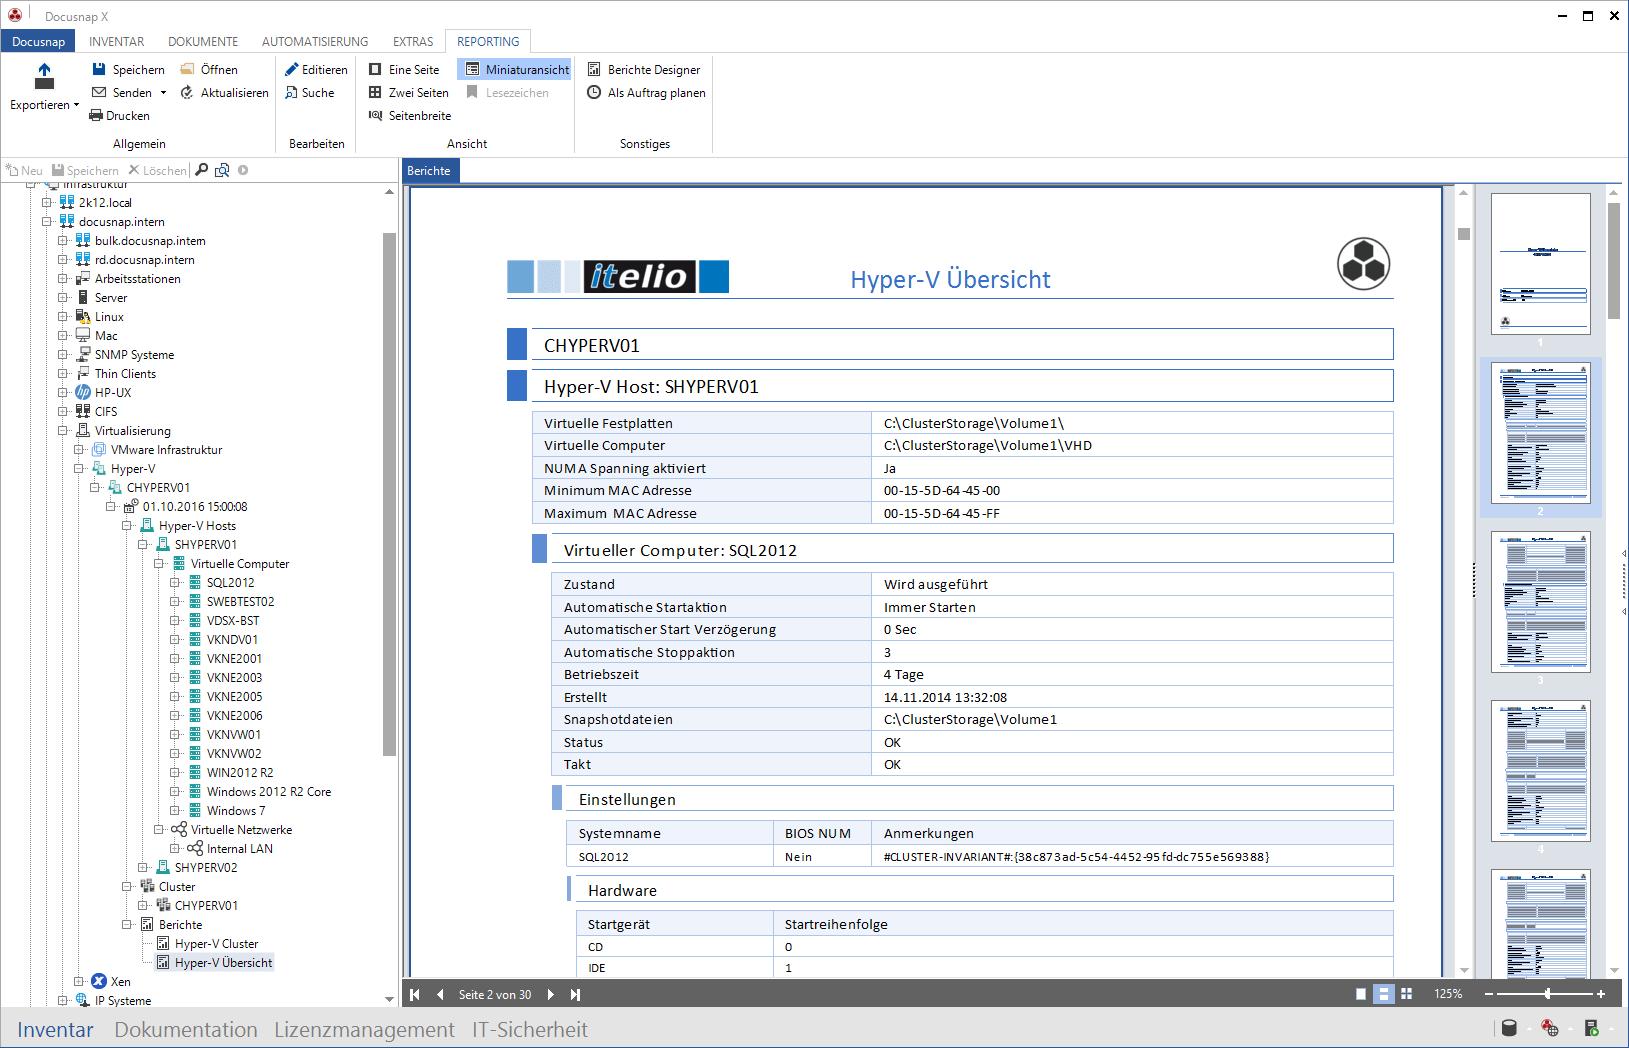 VMware XenCenter und Hyper-V Berichte erstellen